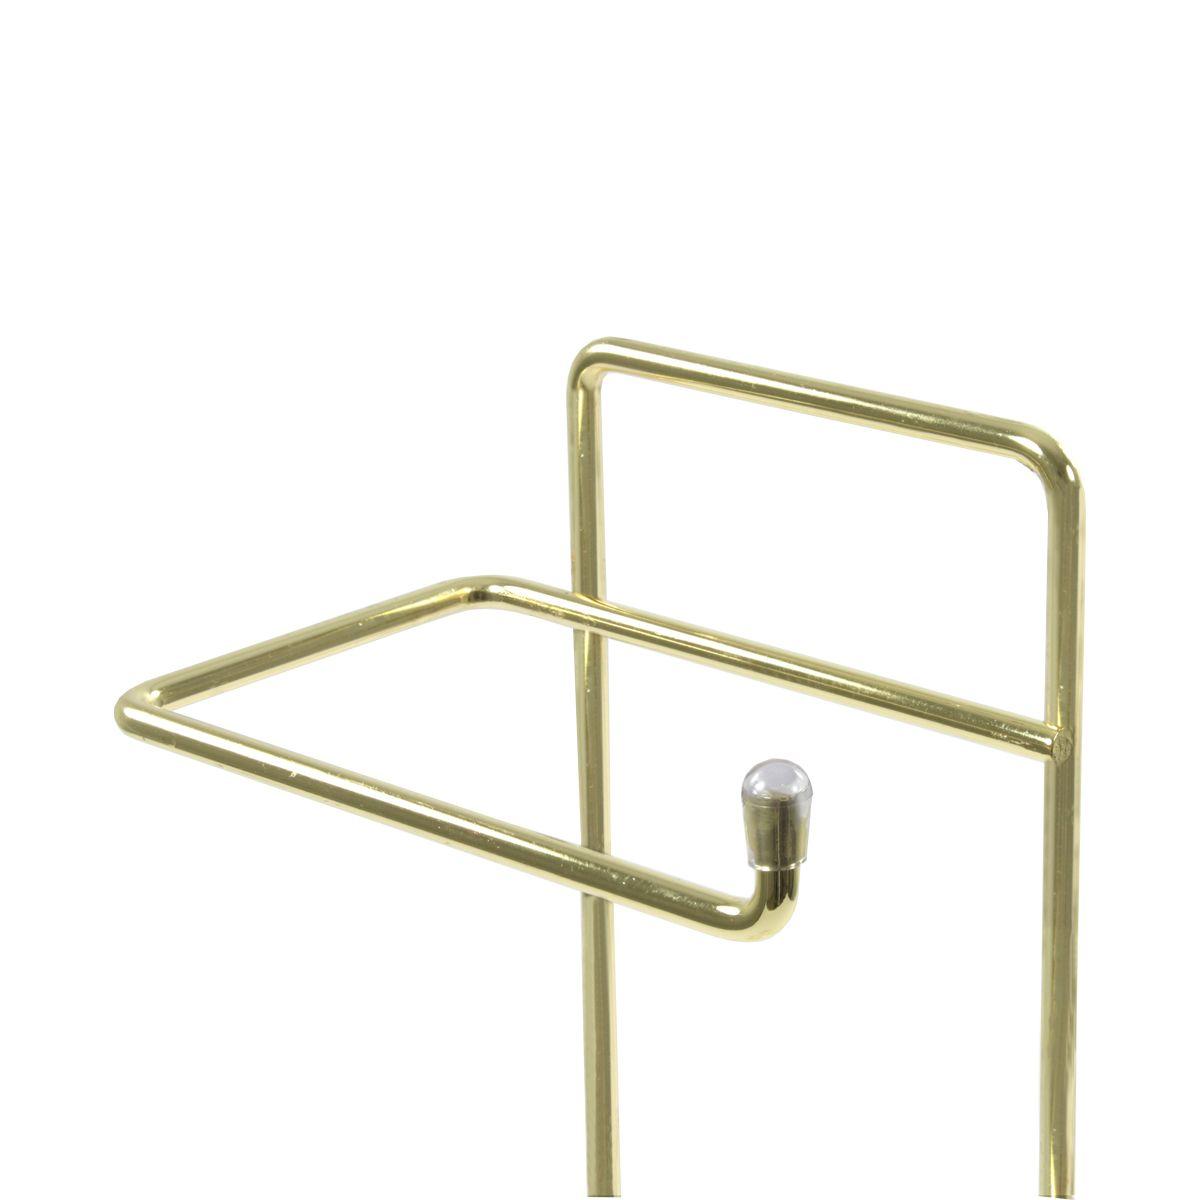 Suporte Para Papel Higiênico Lixeira Basculante 5 Litros - Dourado